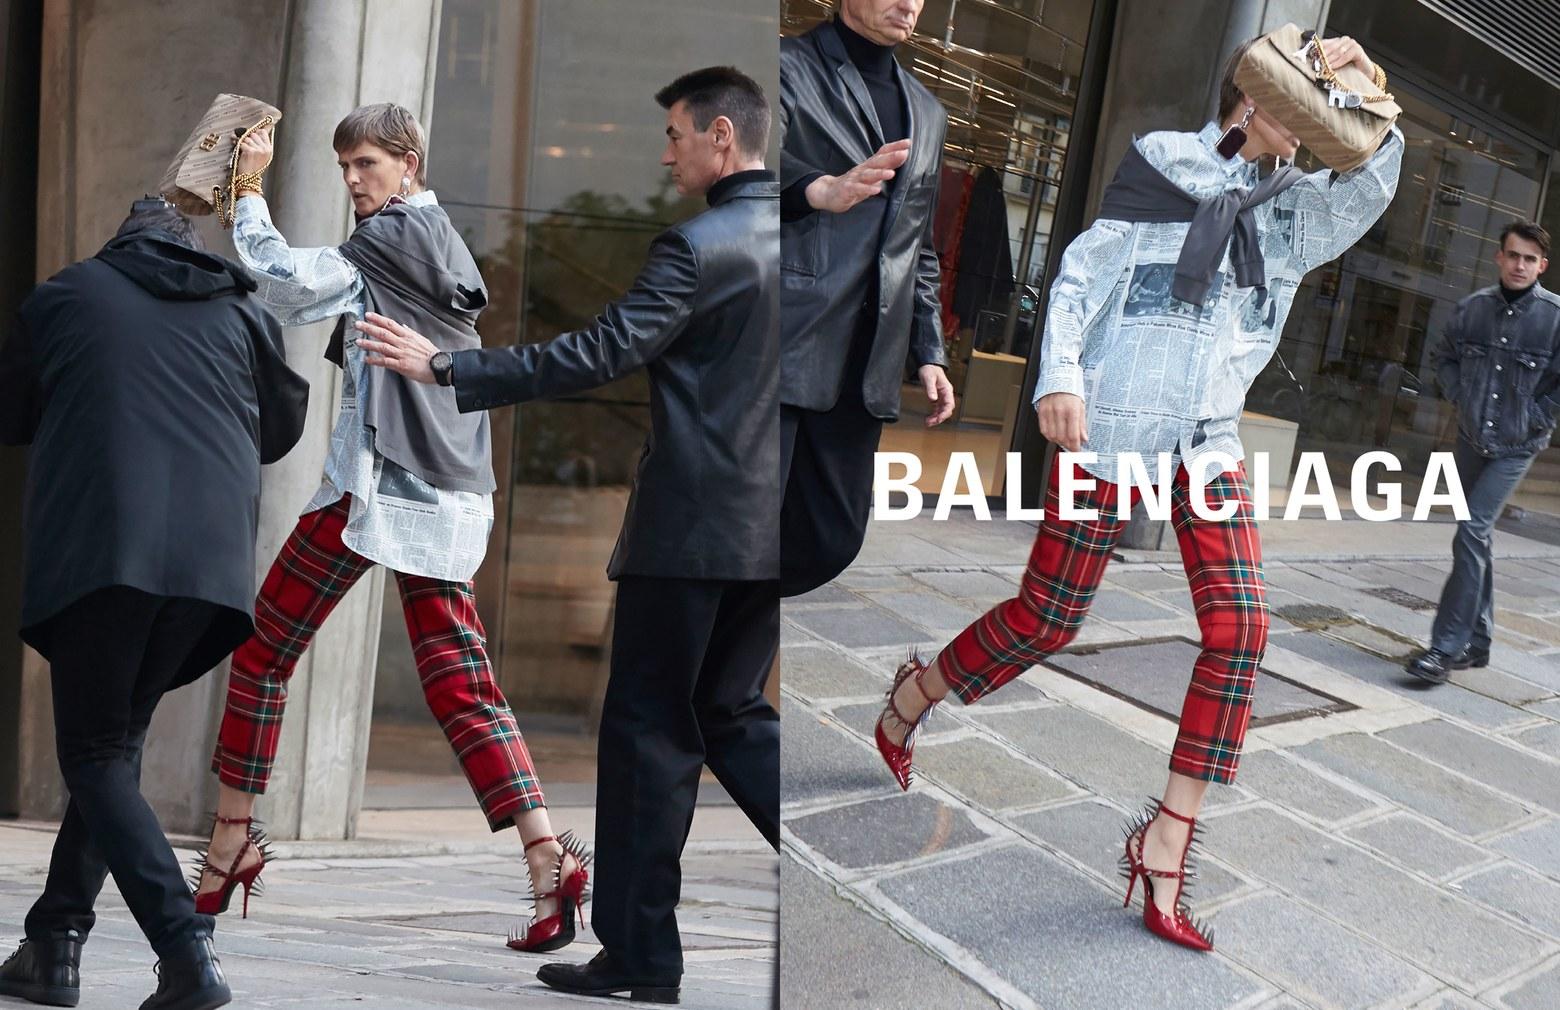 Photos courtesy of Balenciaga